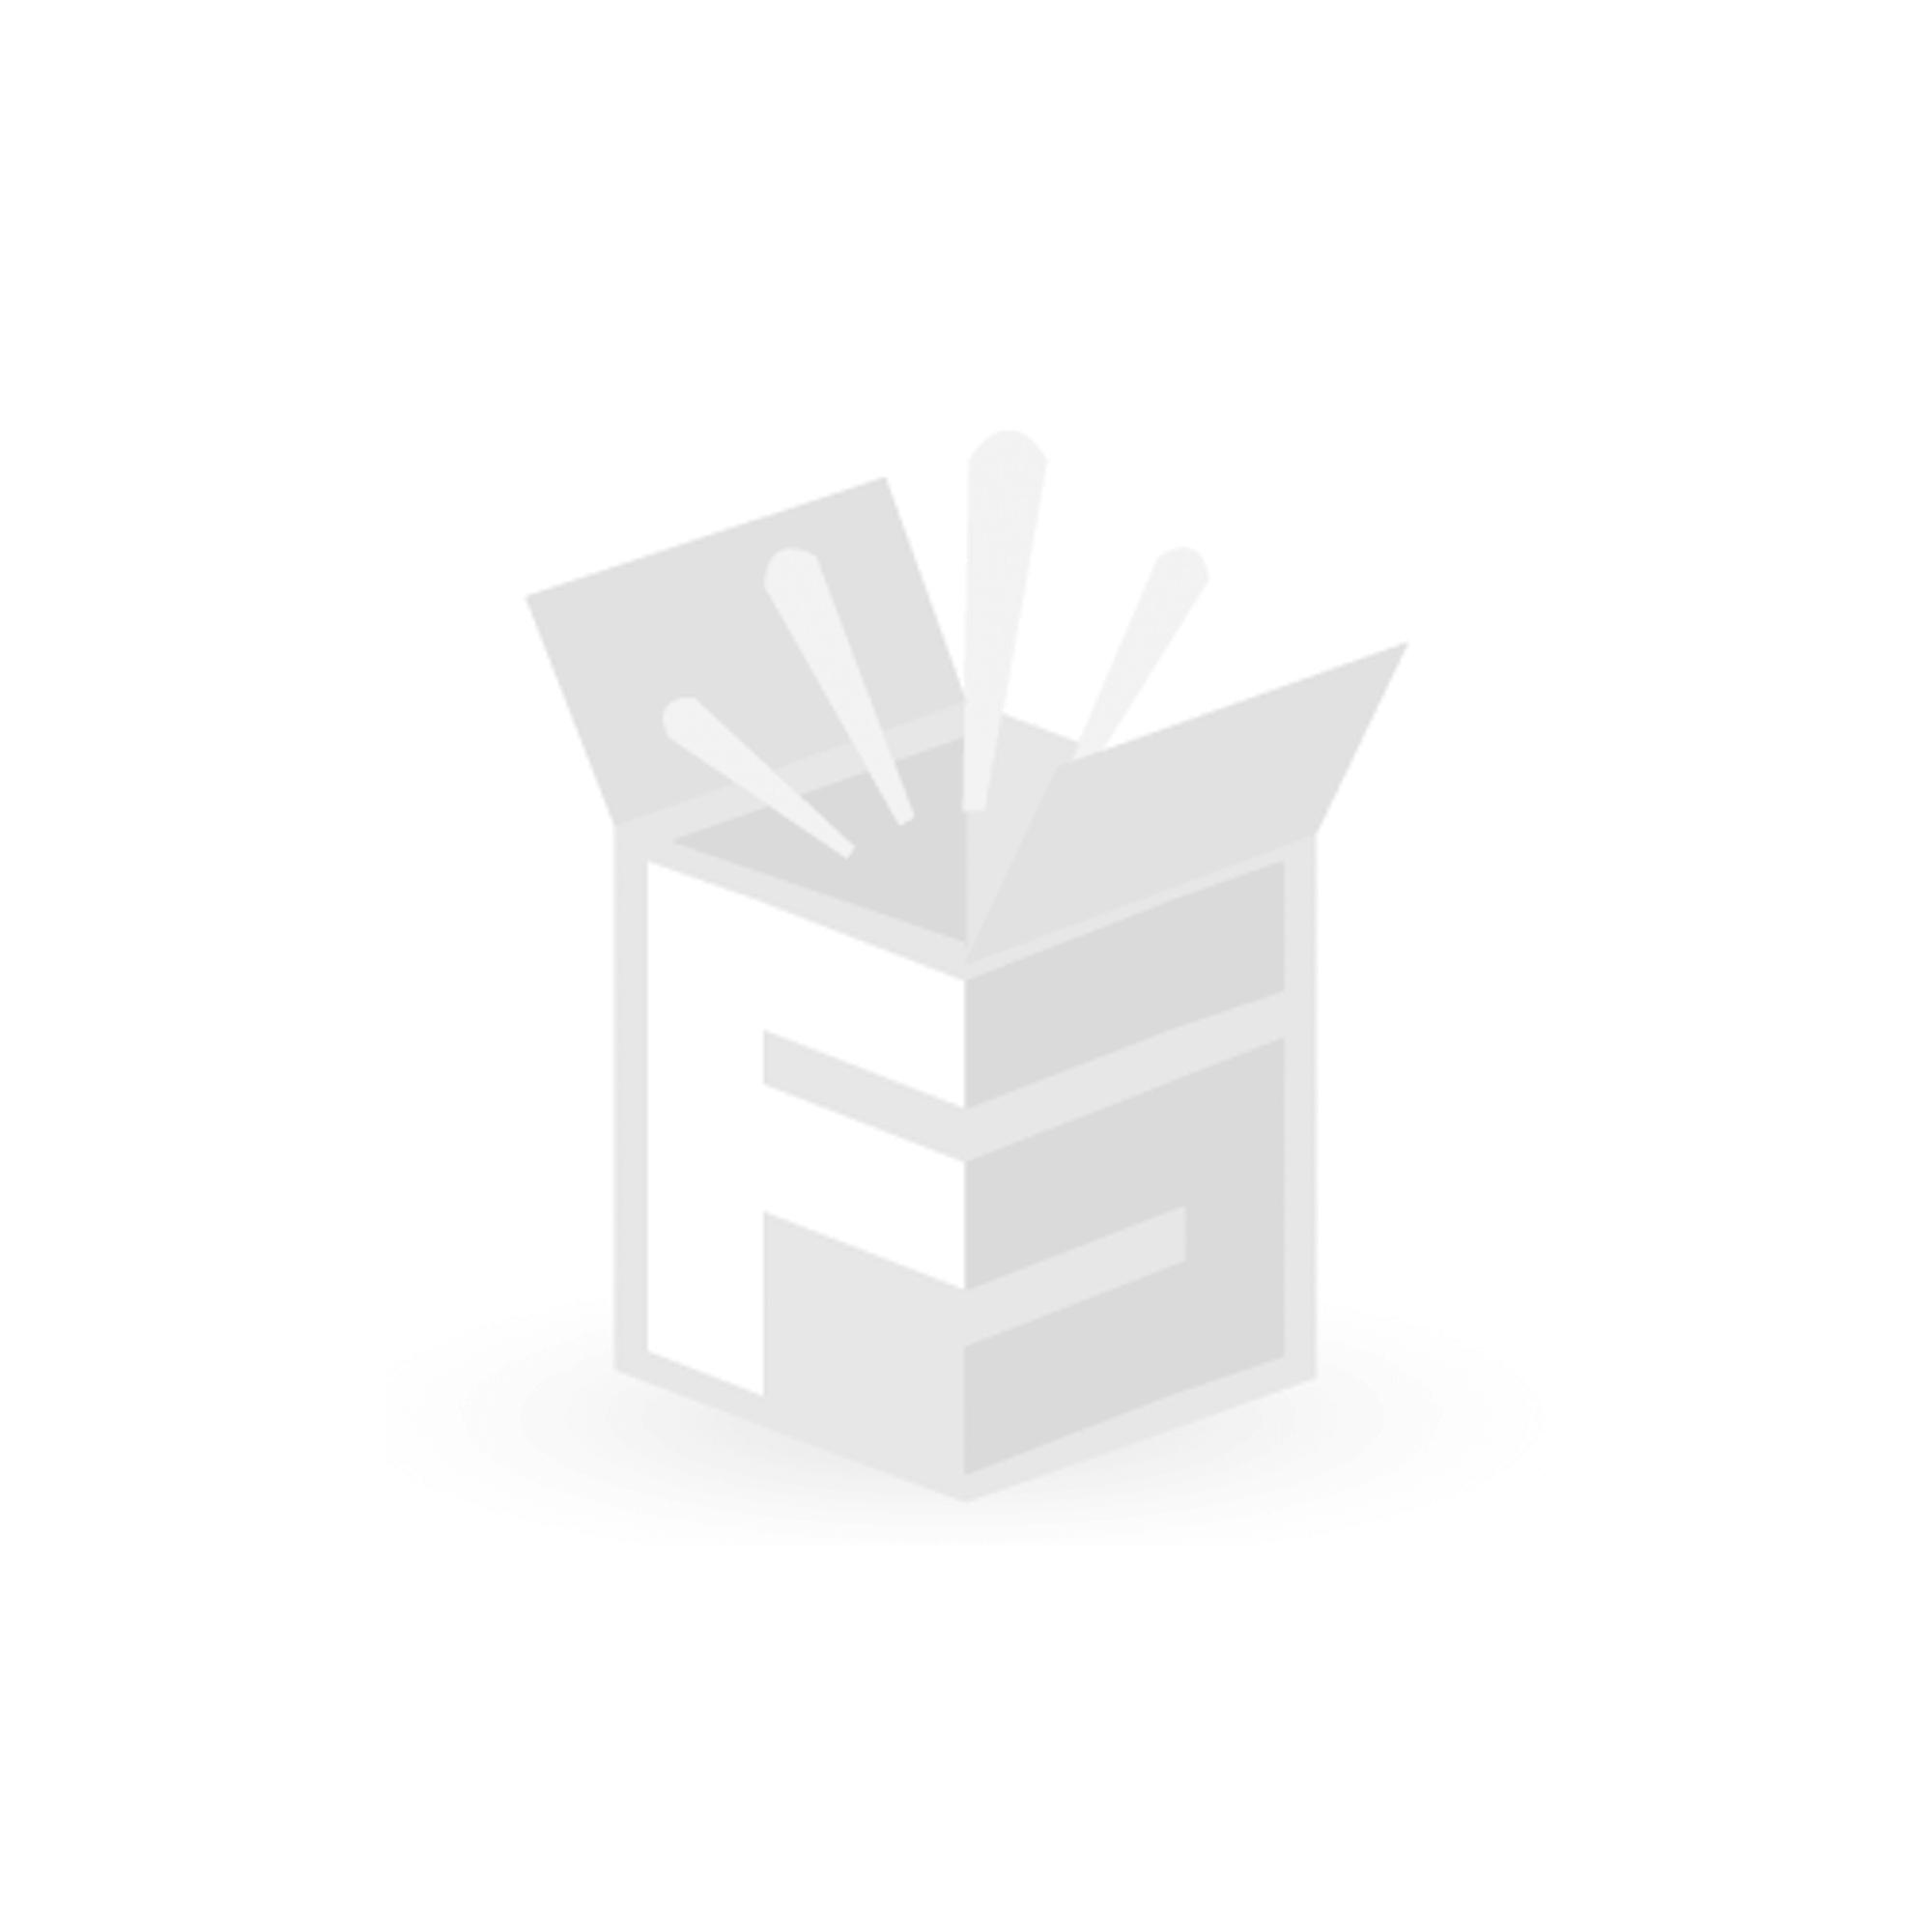 Contini höhenverstellbarer Bürotisch 120 x 60cm schwarz, Glasoberfläche